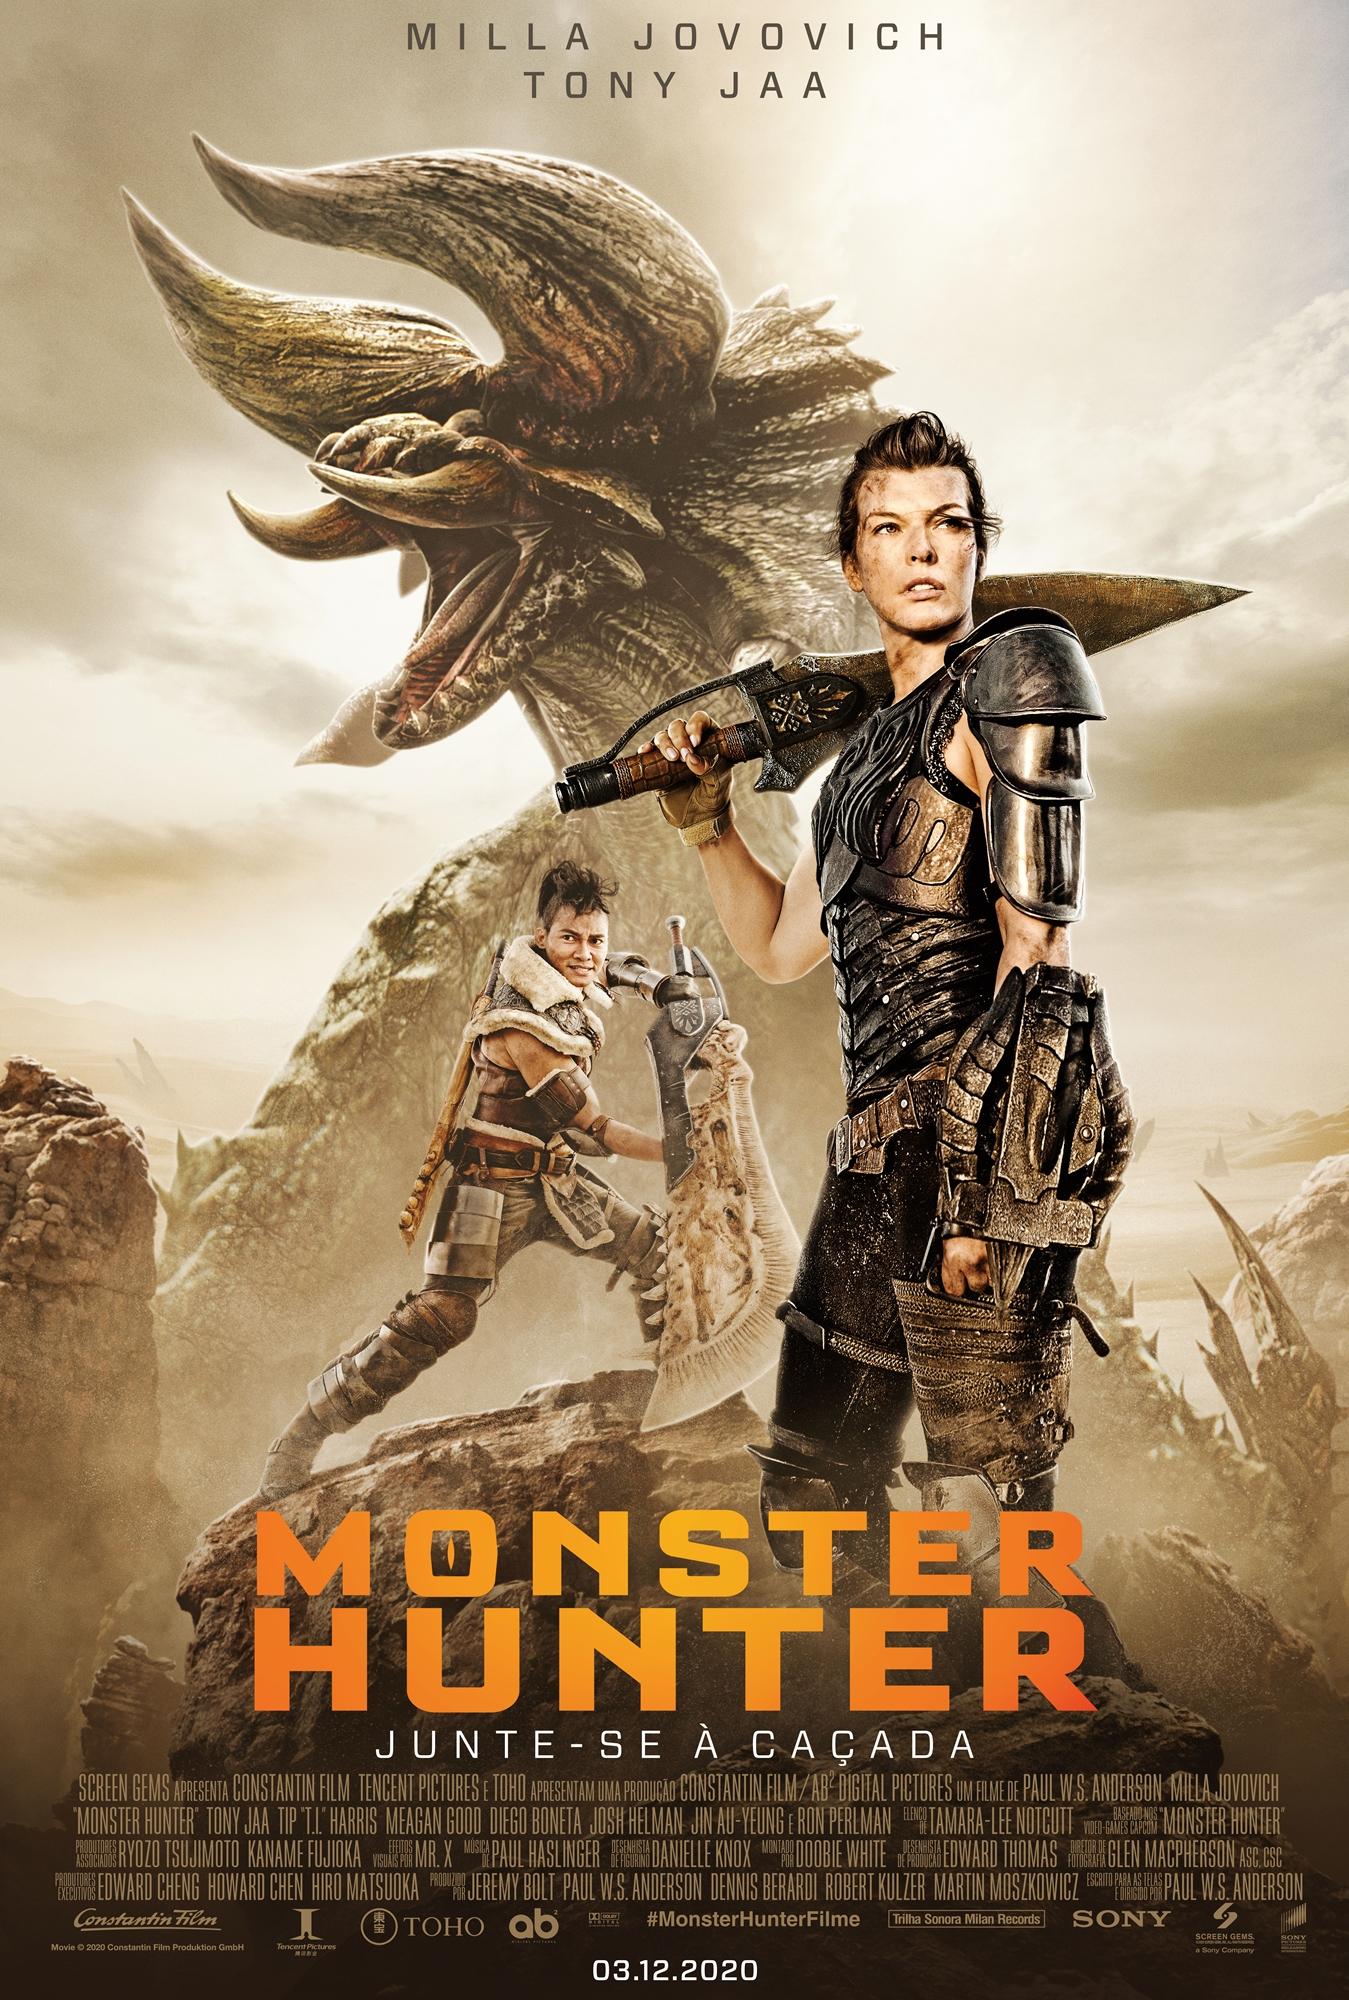 poster monster hunter milla jovovich tony jaa red